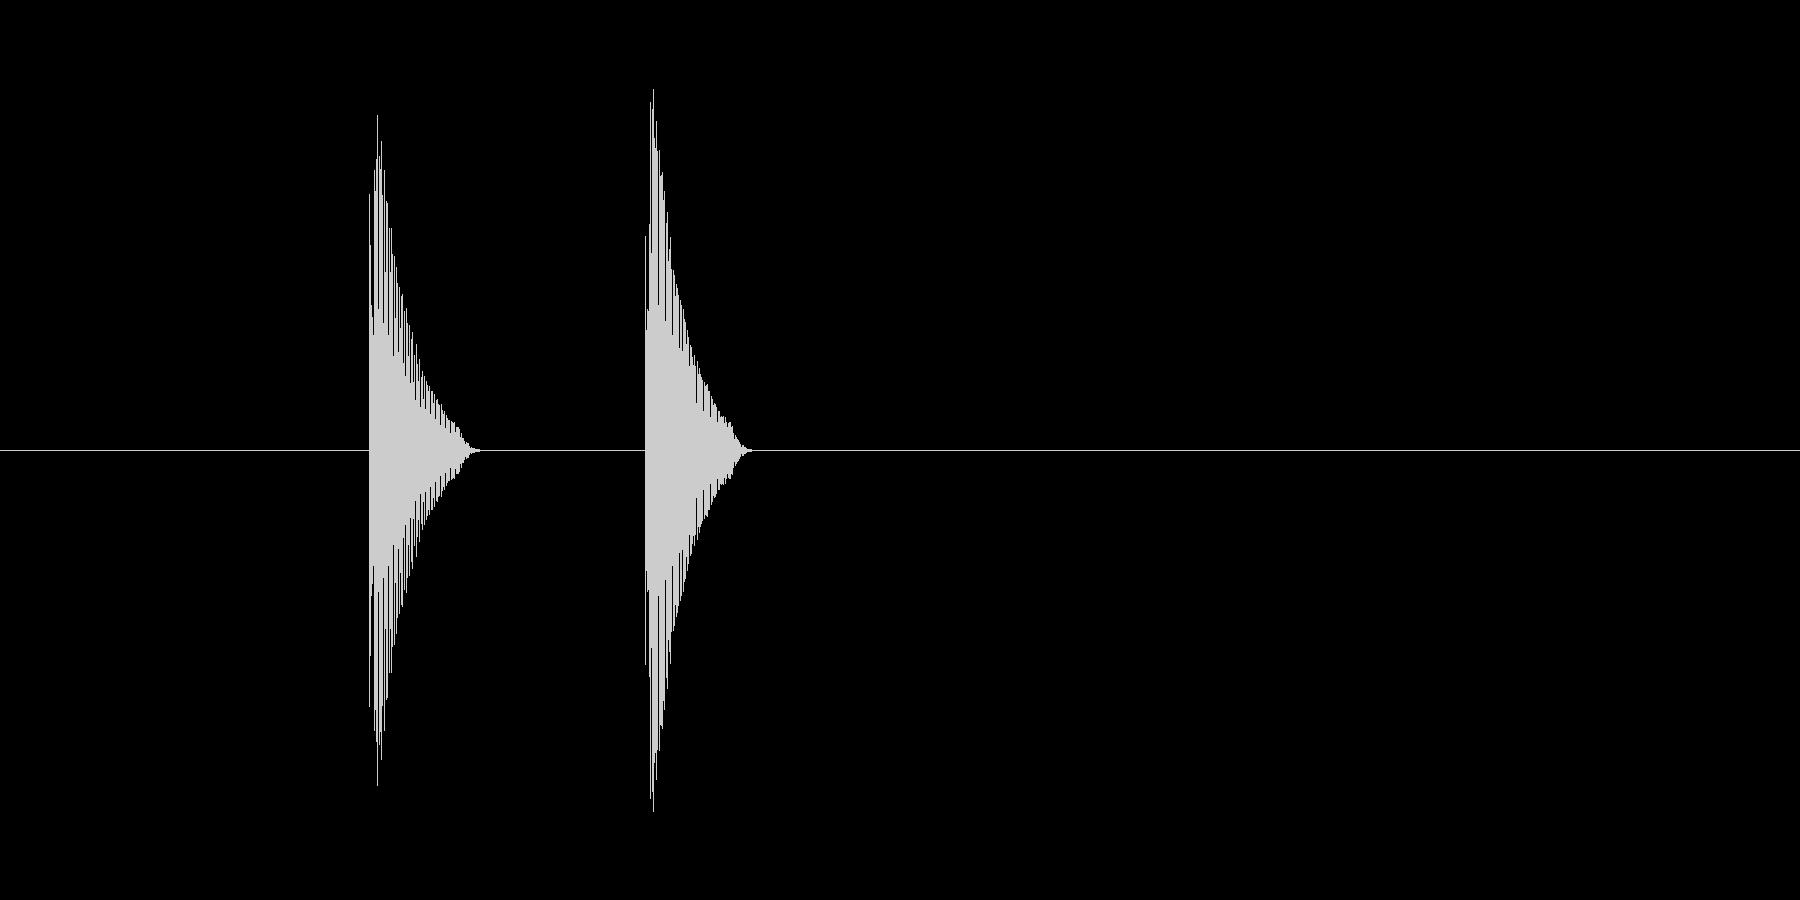 「トテッ」という効果音 の未再生の波形